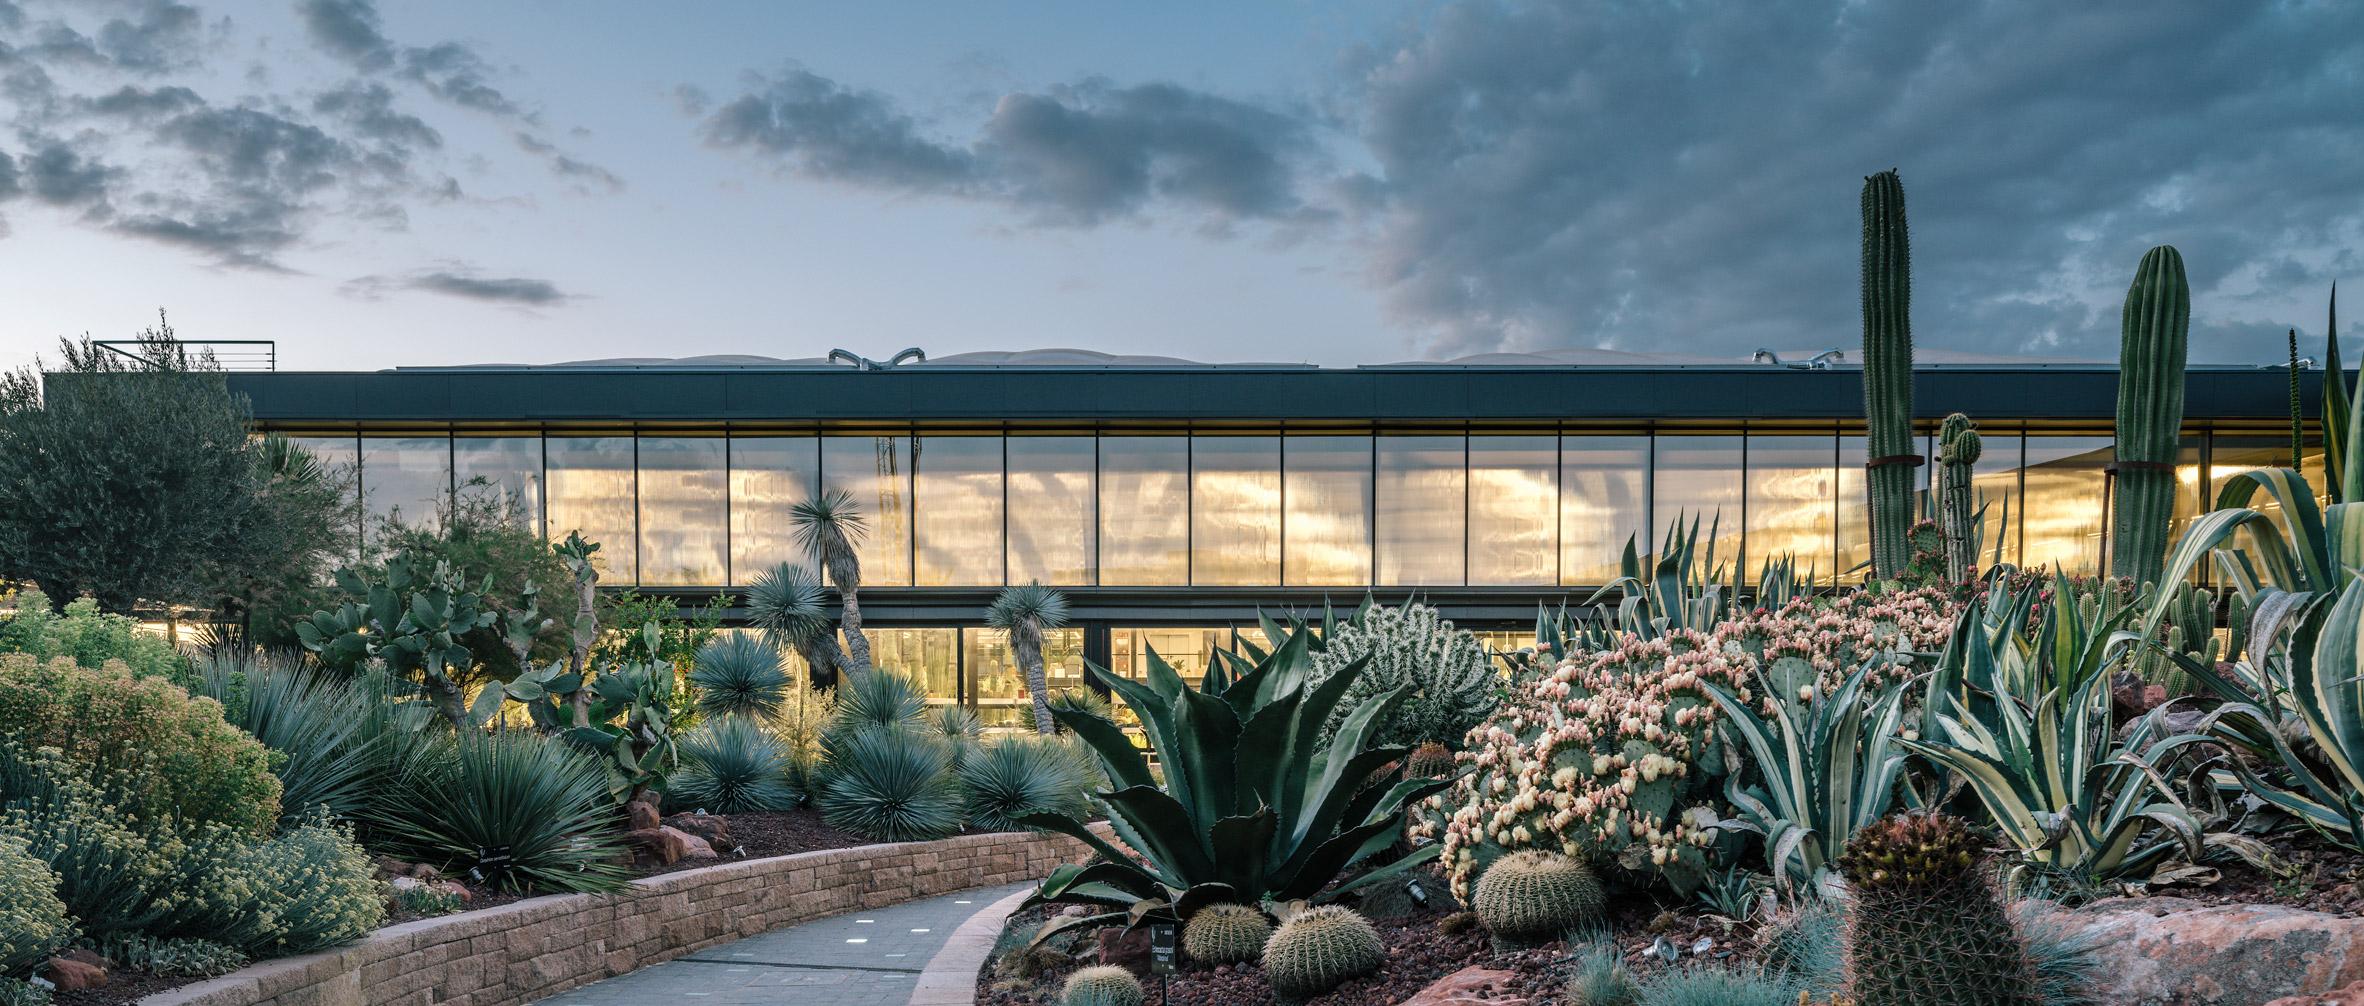 Garciagerman Arquitectos' Desert City centre is dedicated to cactusaficionados